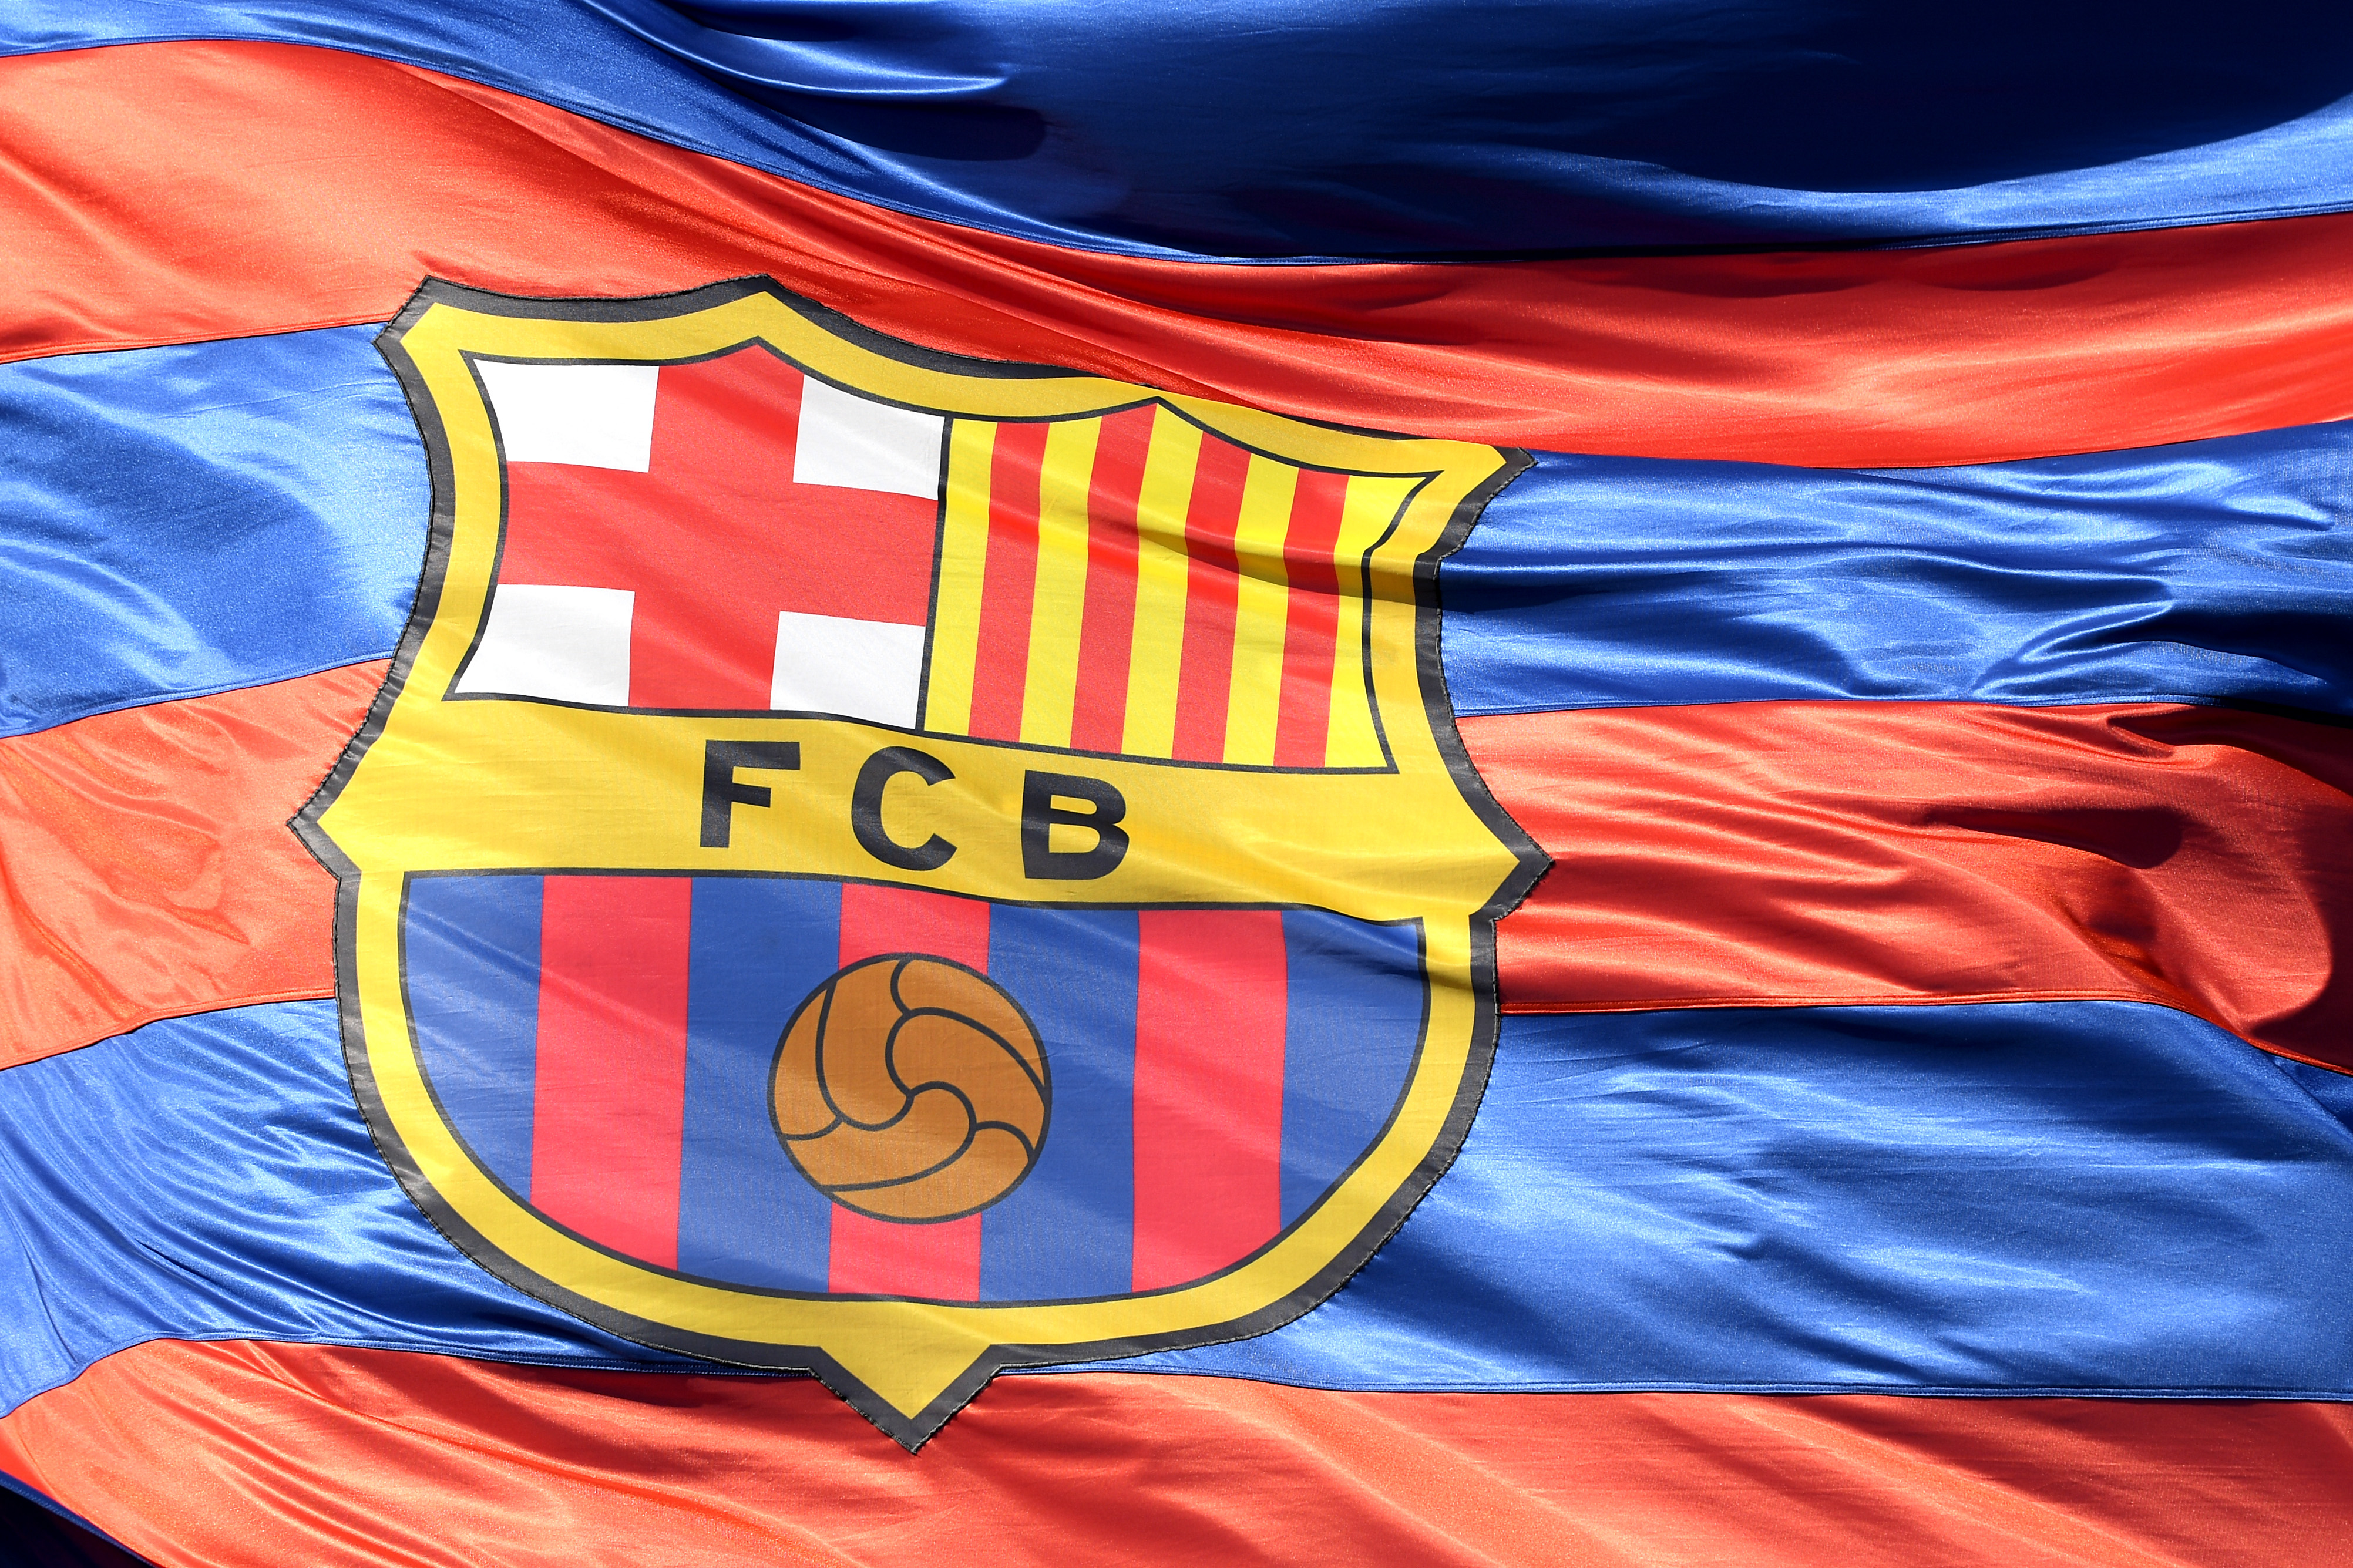 Fc Barcelona Quiere Cambiar Su Escudo El Club Explicó Por Qué Y Esto Dicen En Las Redes Sociales Cnn